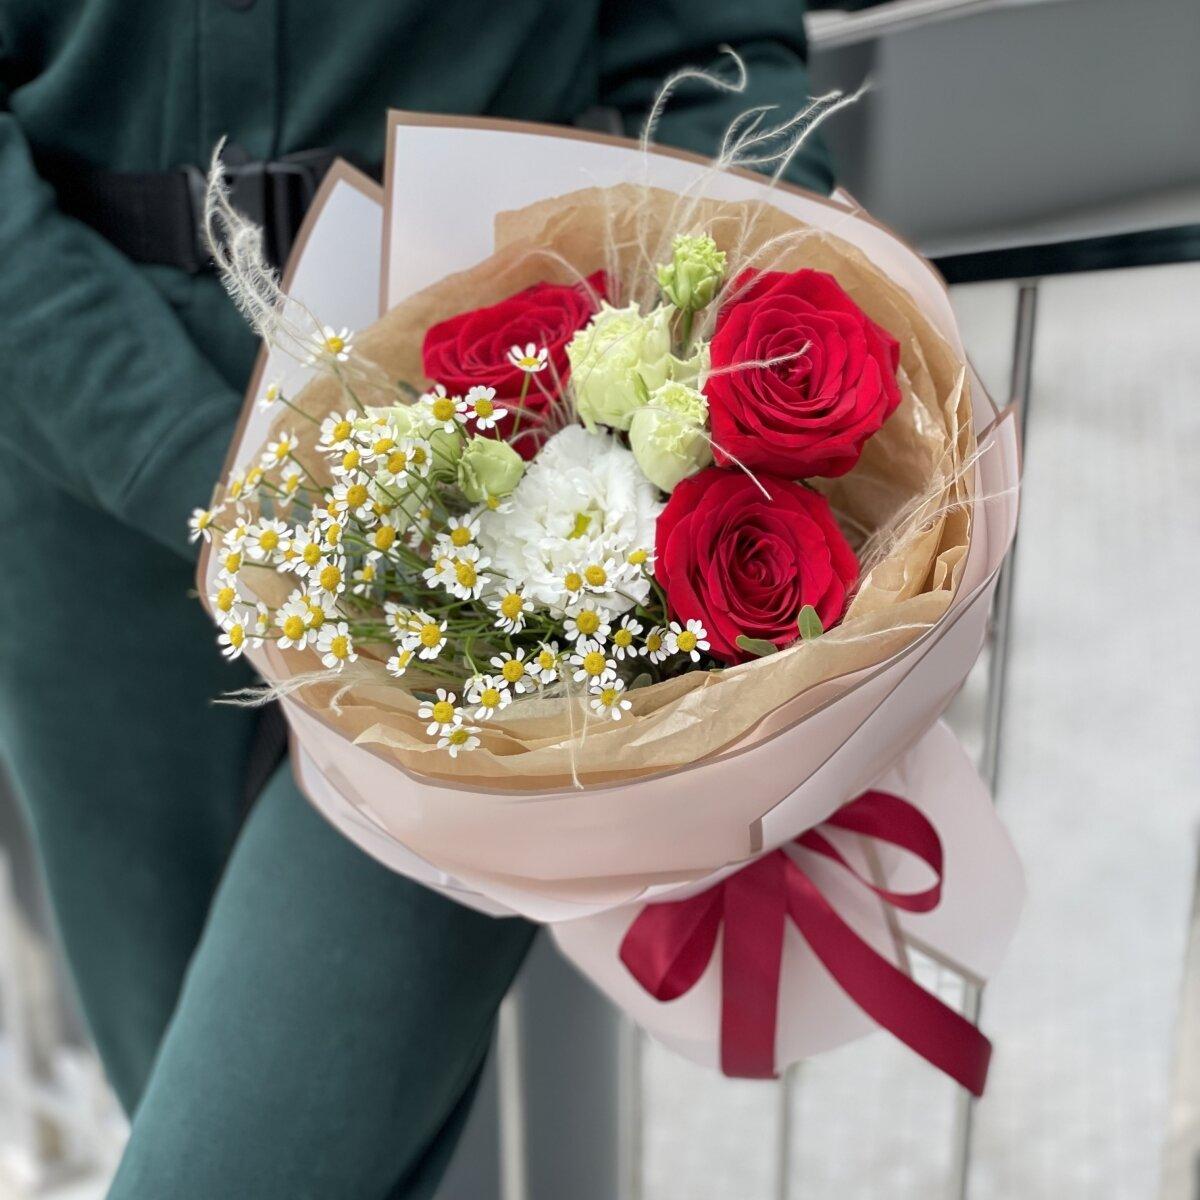 Букет Жаннет из роз, стифы, ромашек и эустомы